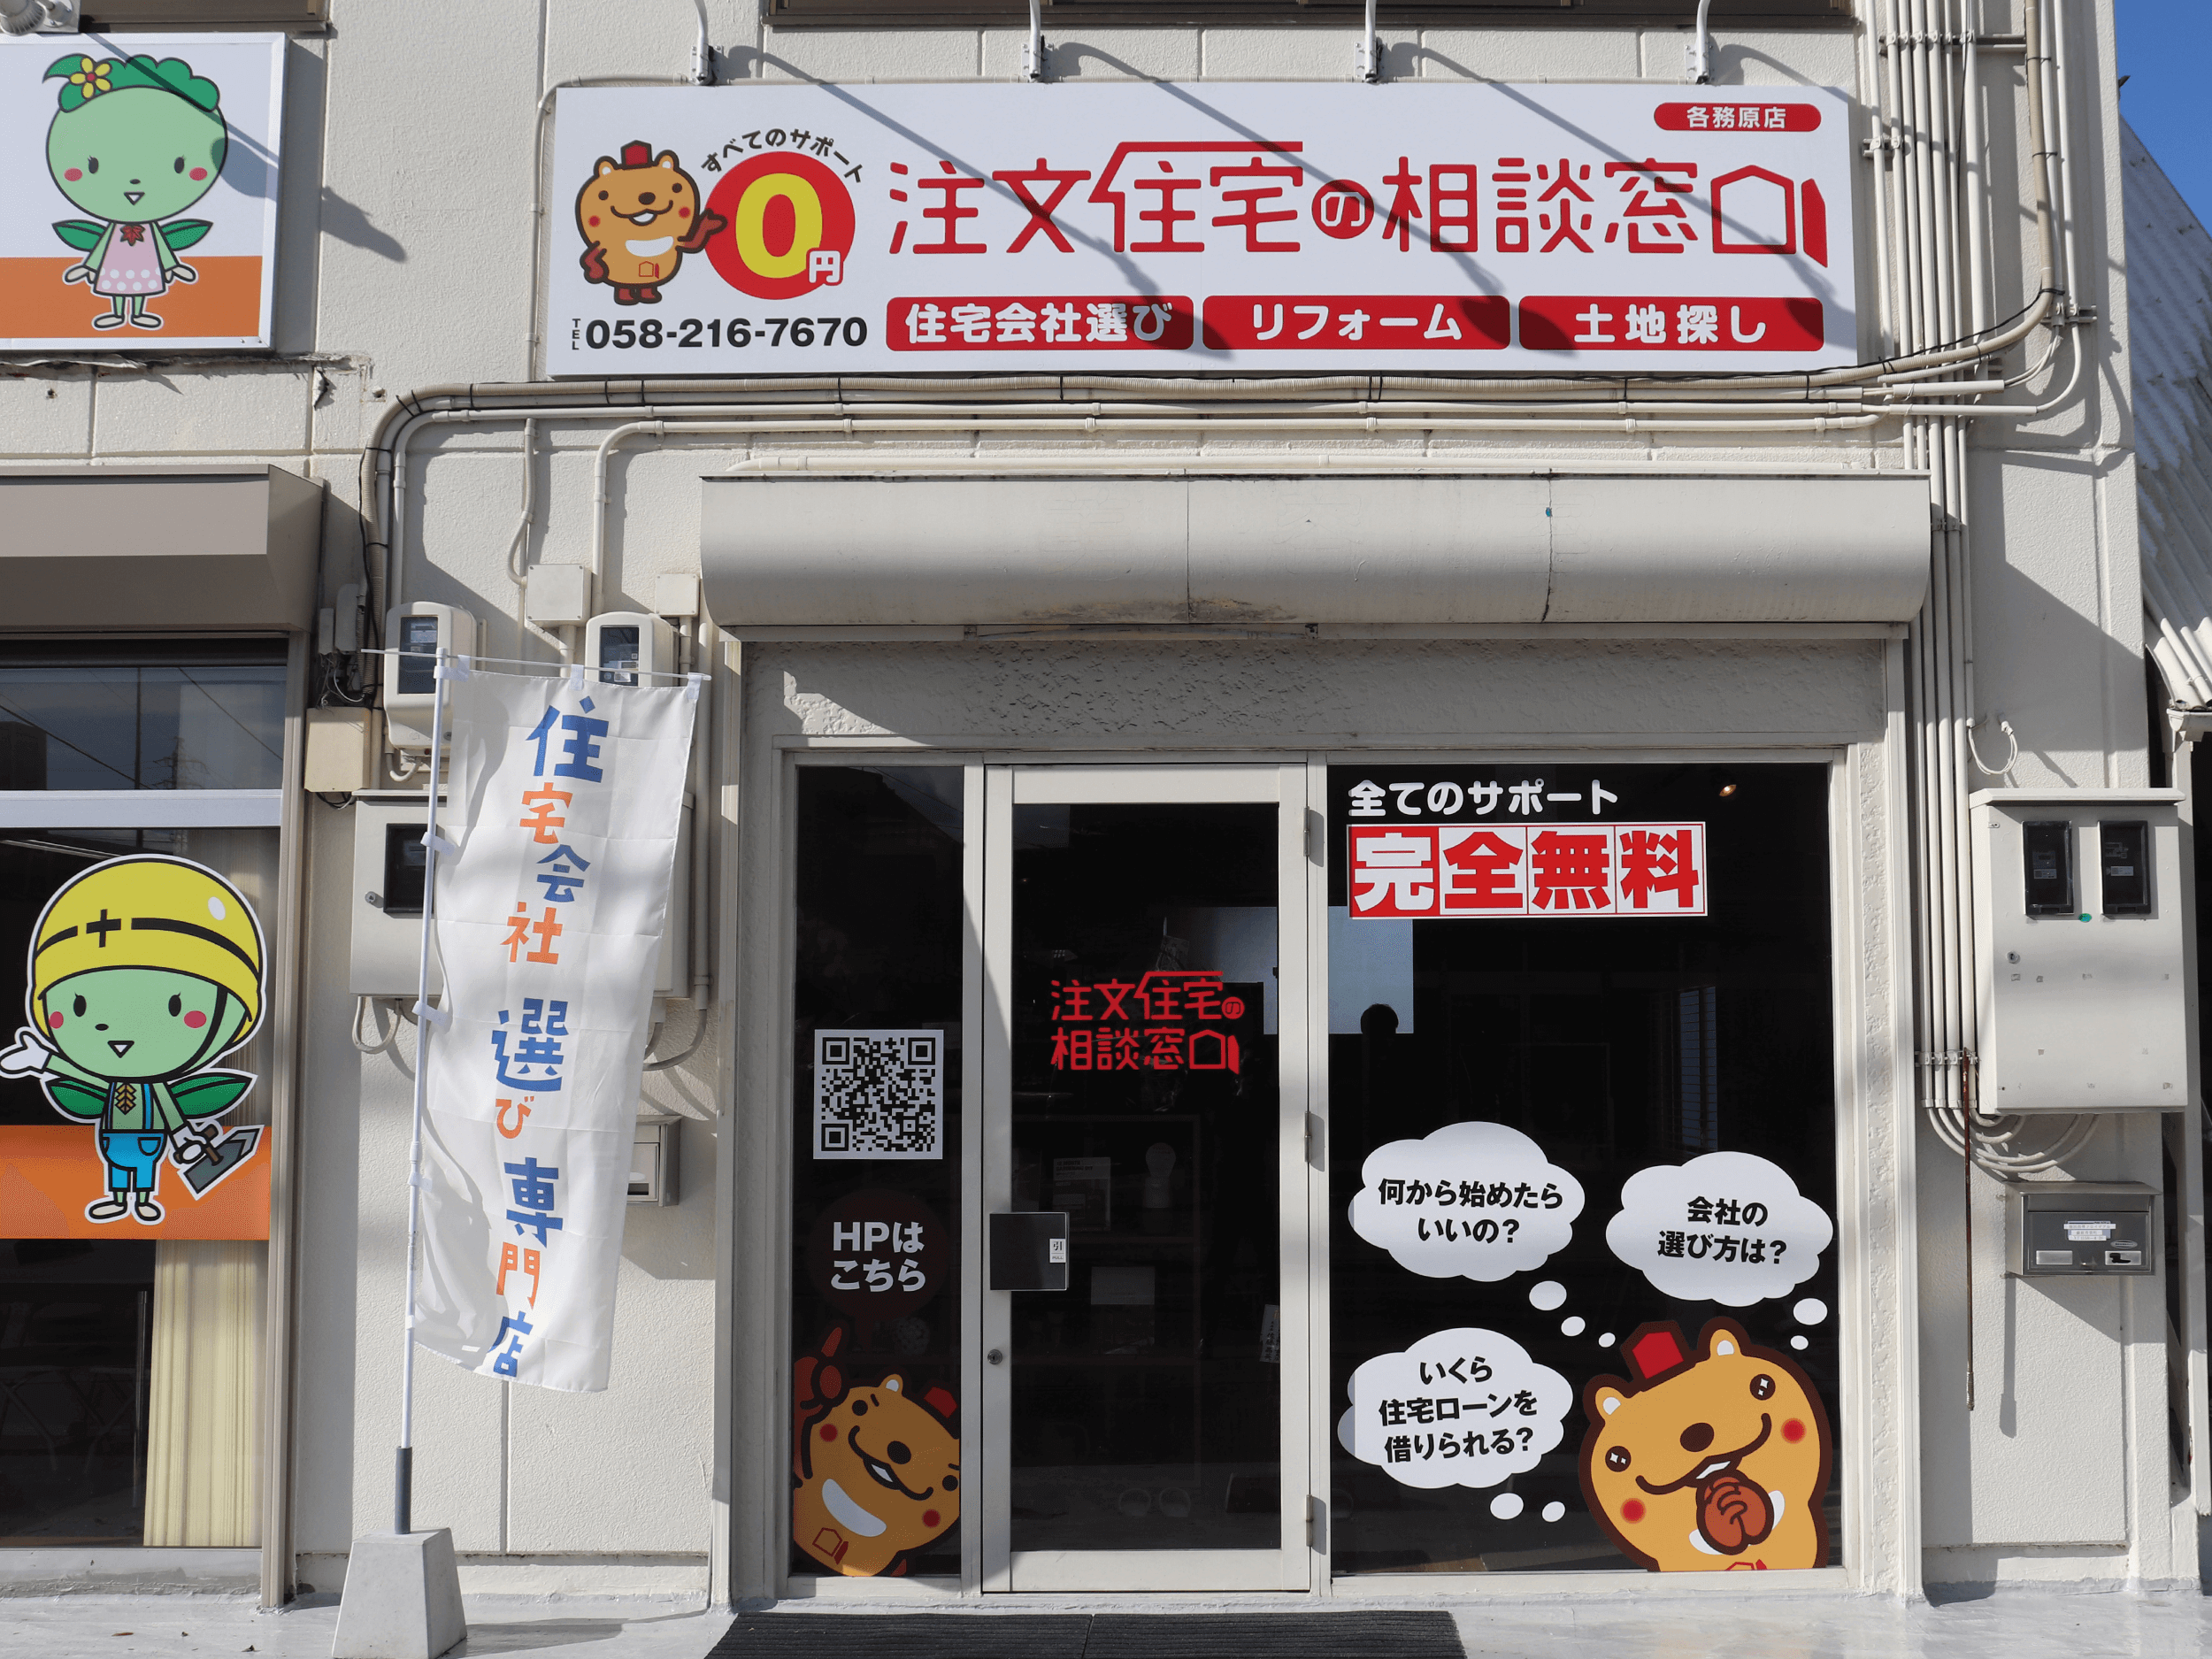 ファサード・壁面・突き出し看板・袖看板施工事例写真 岐阜県 新規店舗を出店のため看板が必要